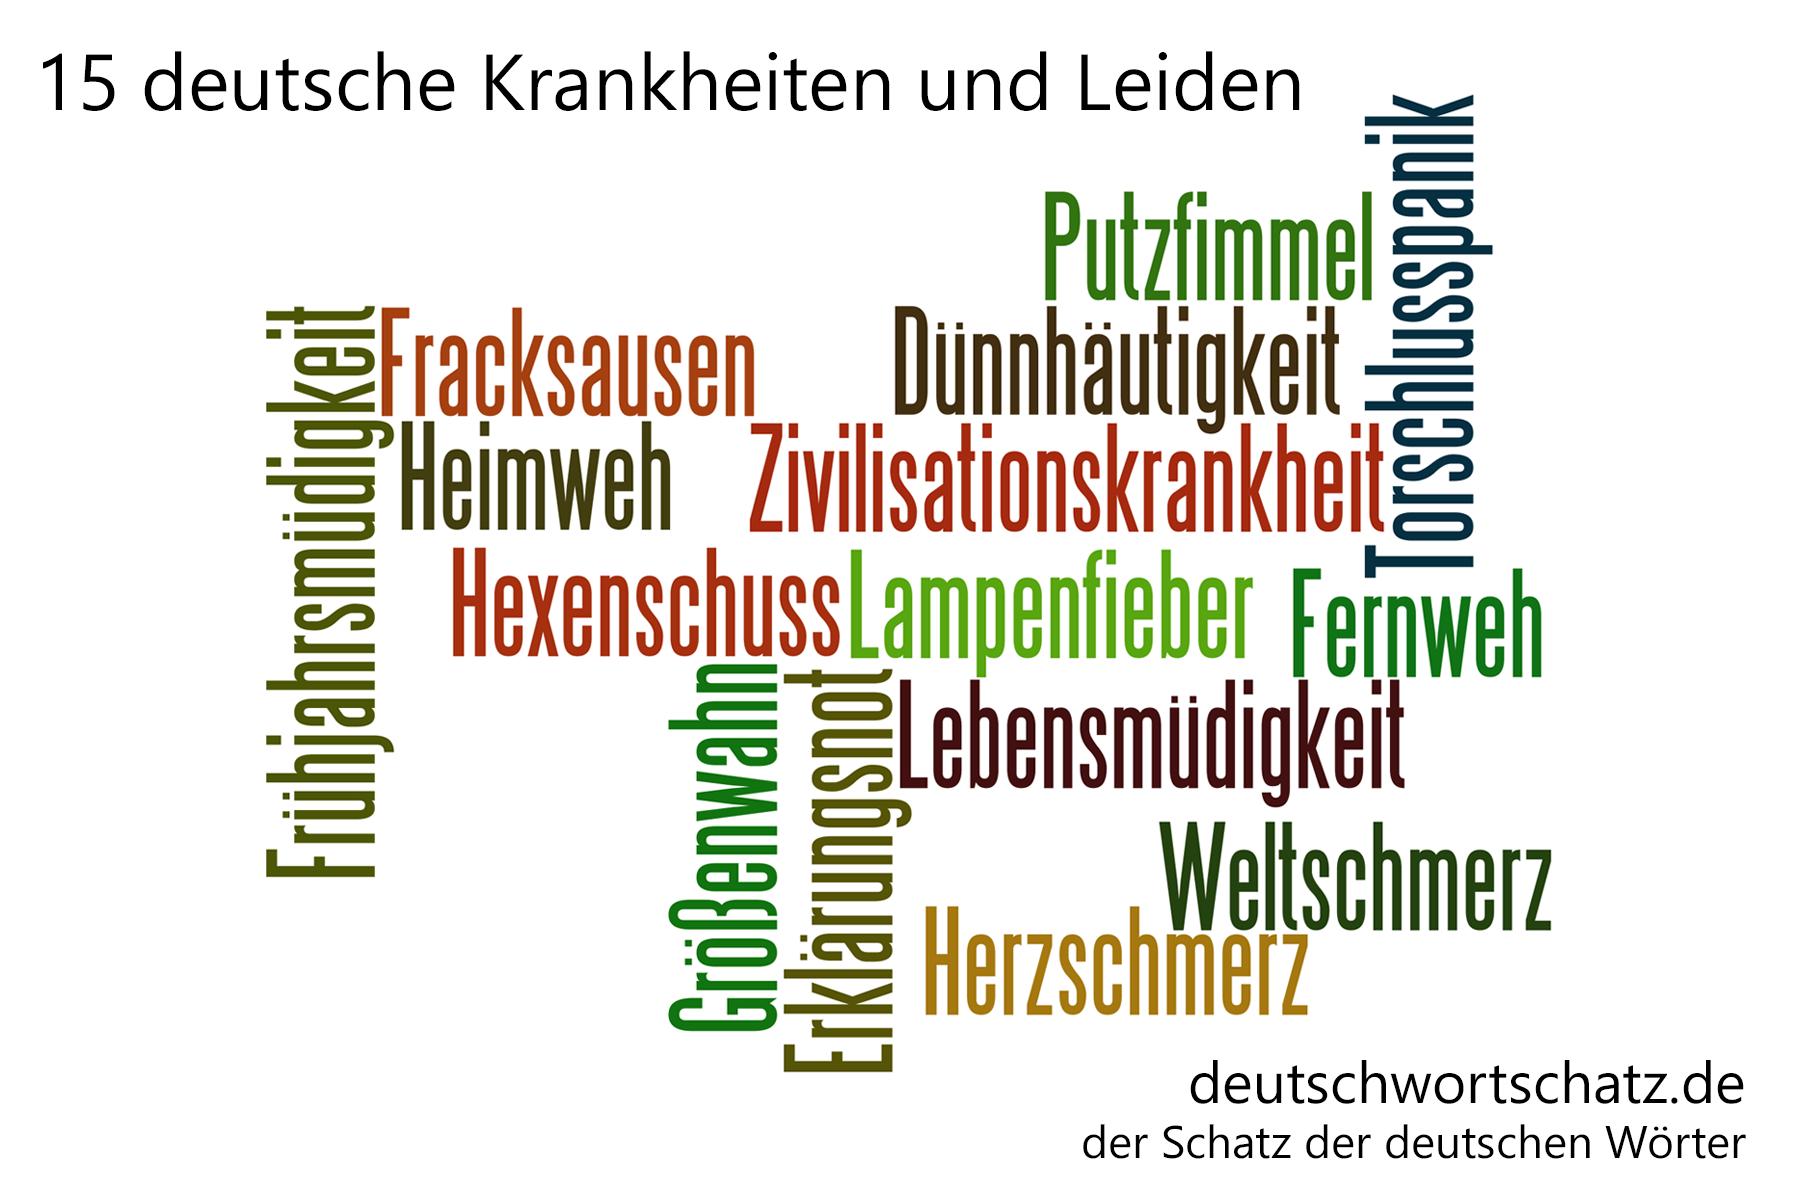 - deutsche Krankheiten und Leiden - Deutsch Wortschatz